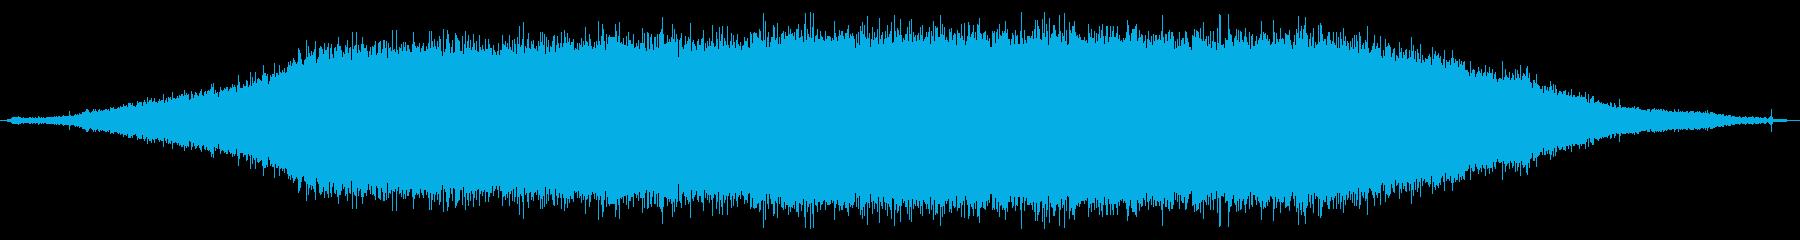 ヴィンテージ水動力式製材所:のこぎ...の再生済みの波形